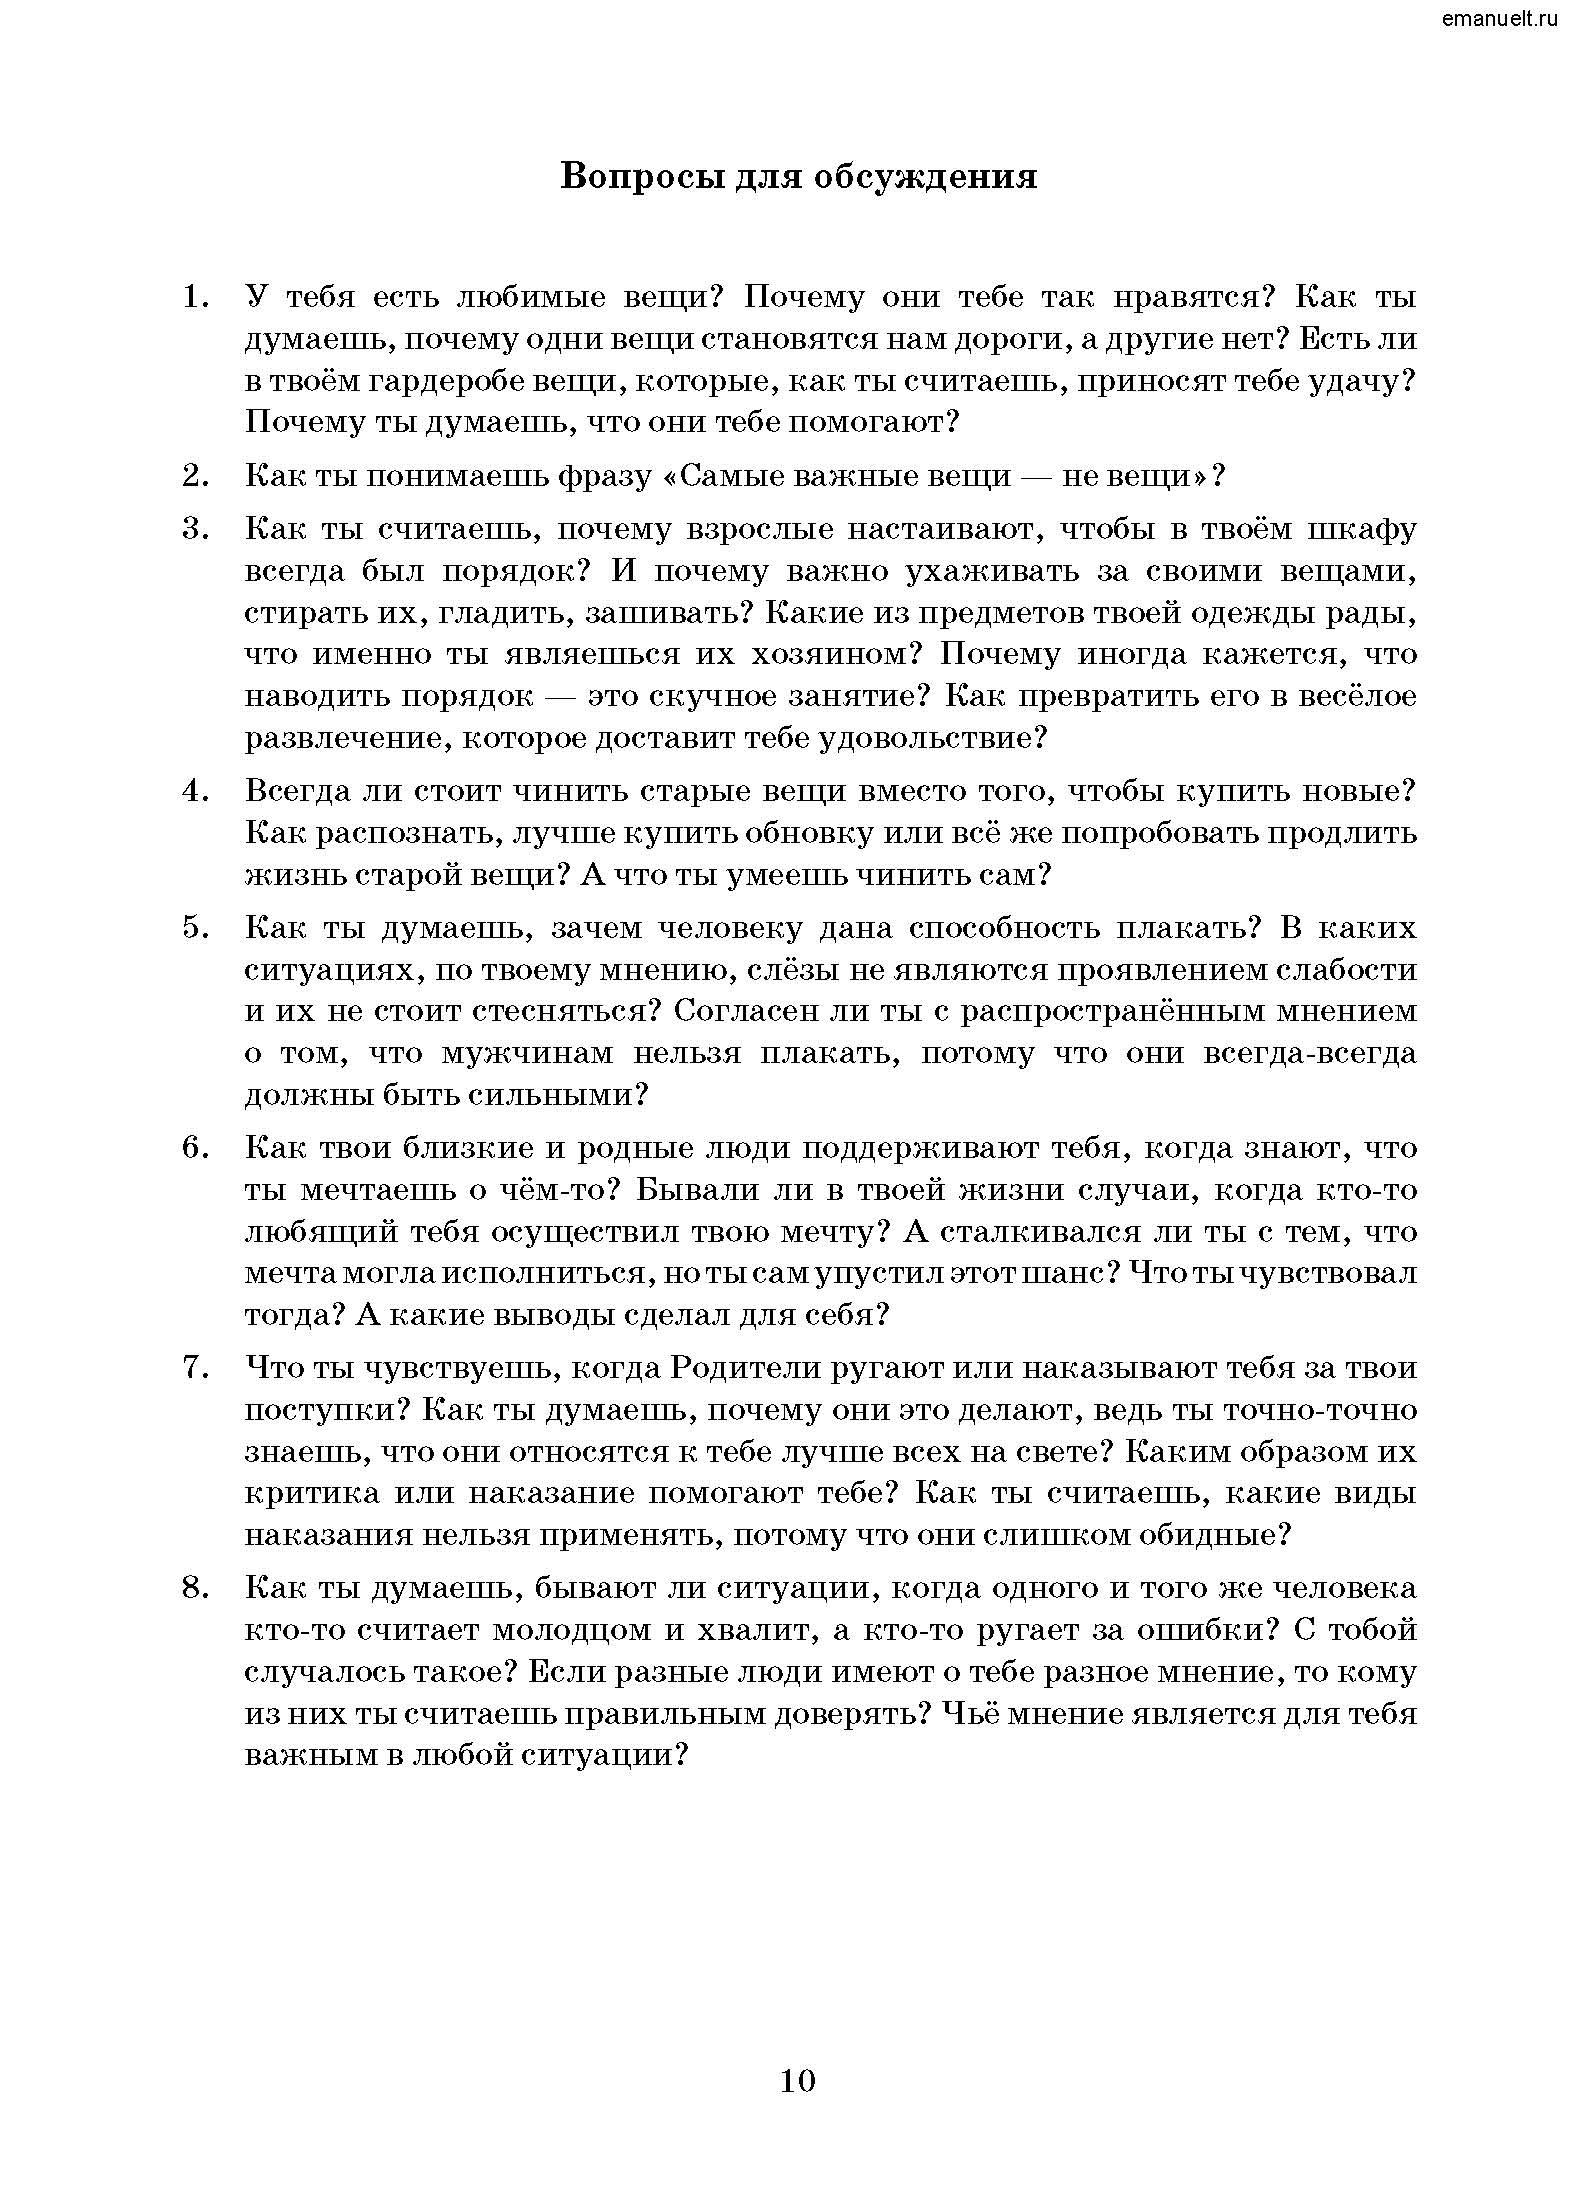 Рассказки в заданиях. emanuelt.ru_Страница_011